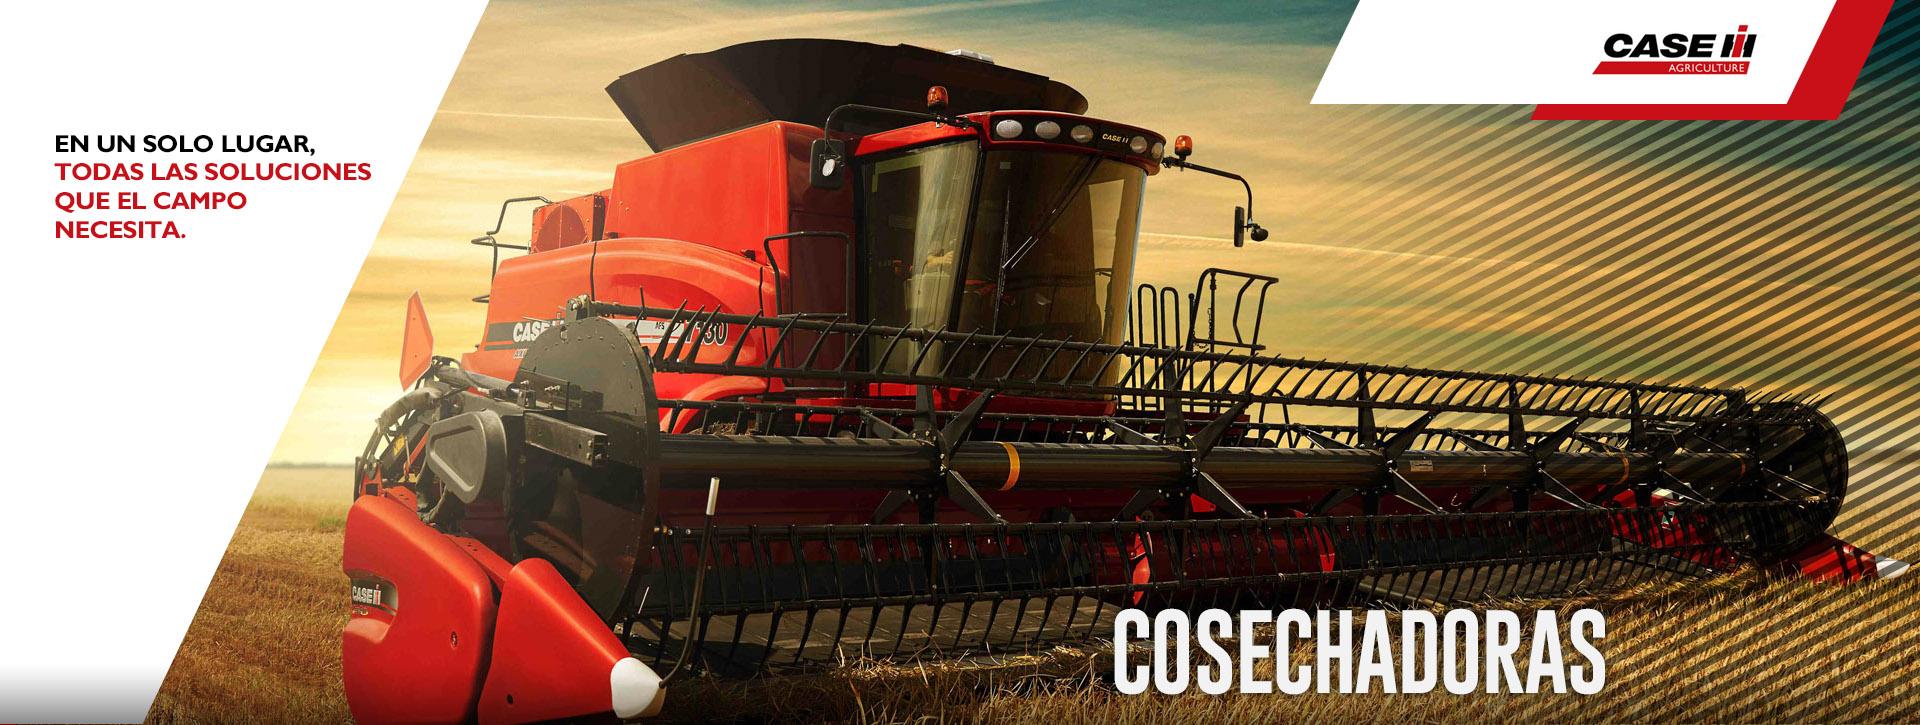 Agricola-Noroeste-Cosechadoras-CASE-IH-Axial-Flow-1